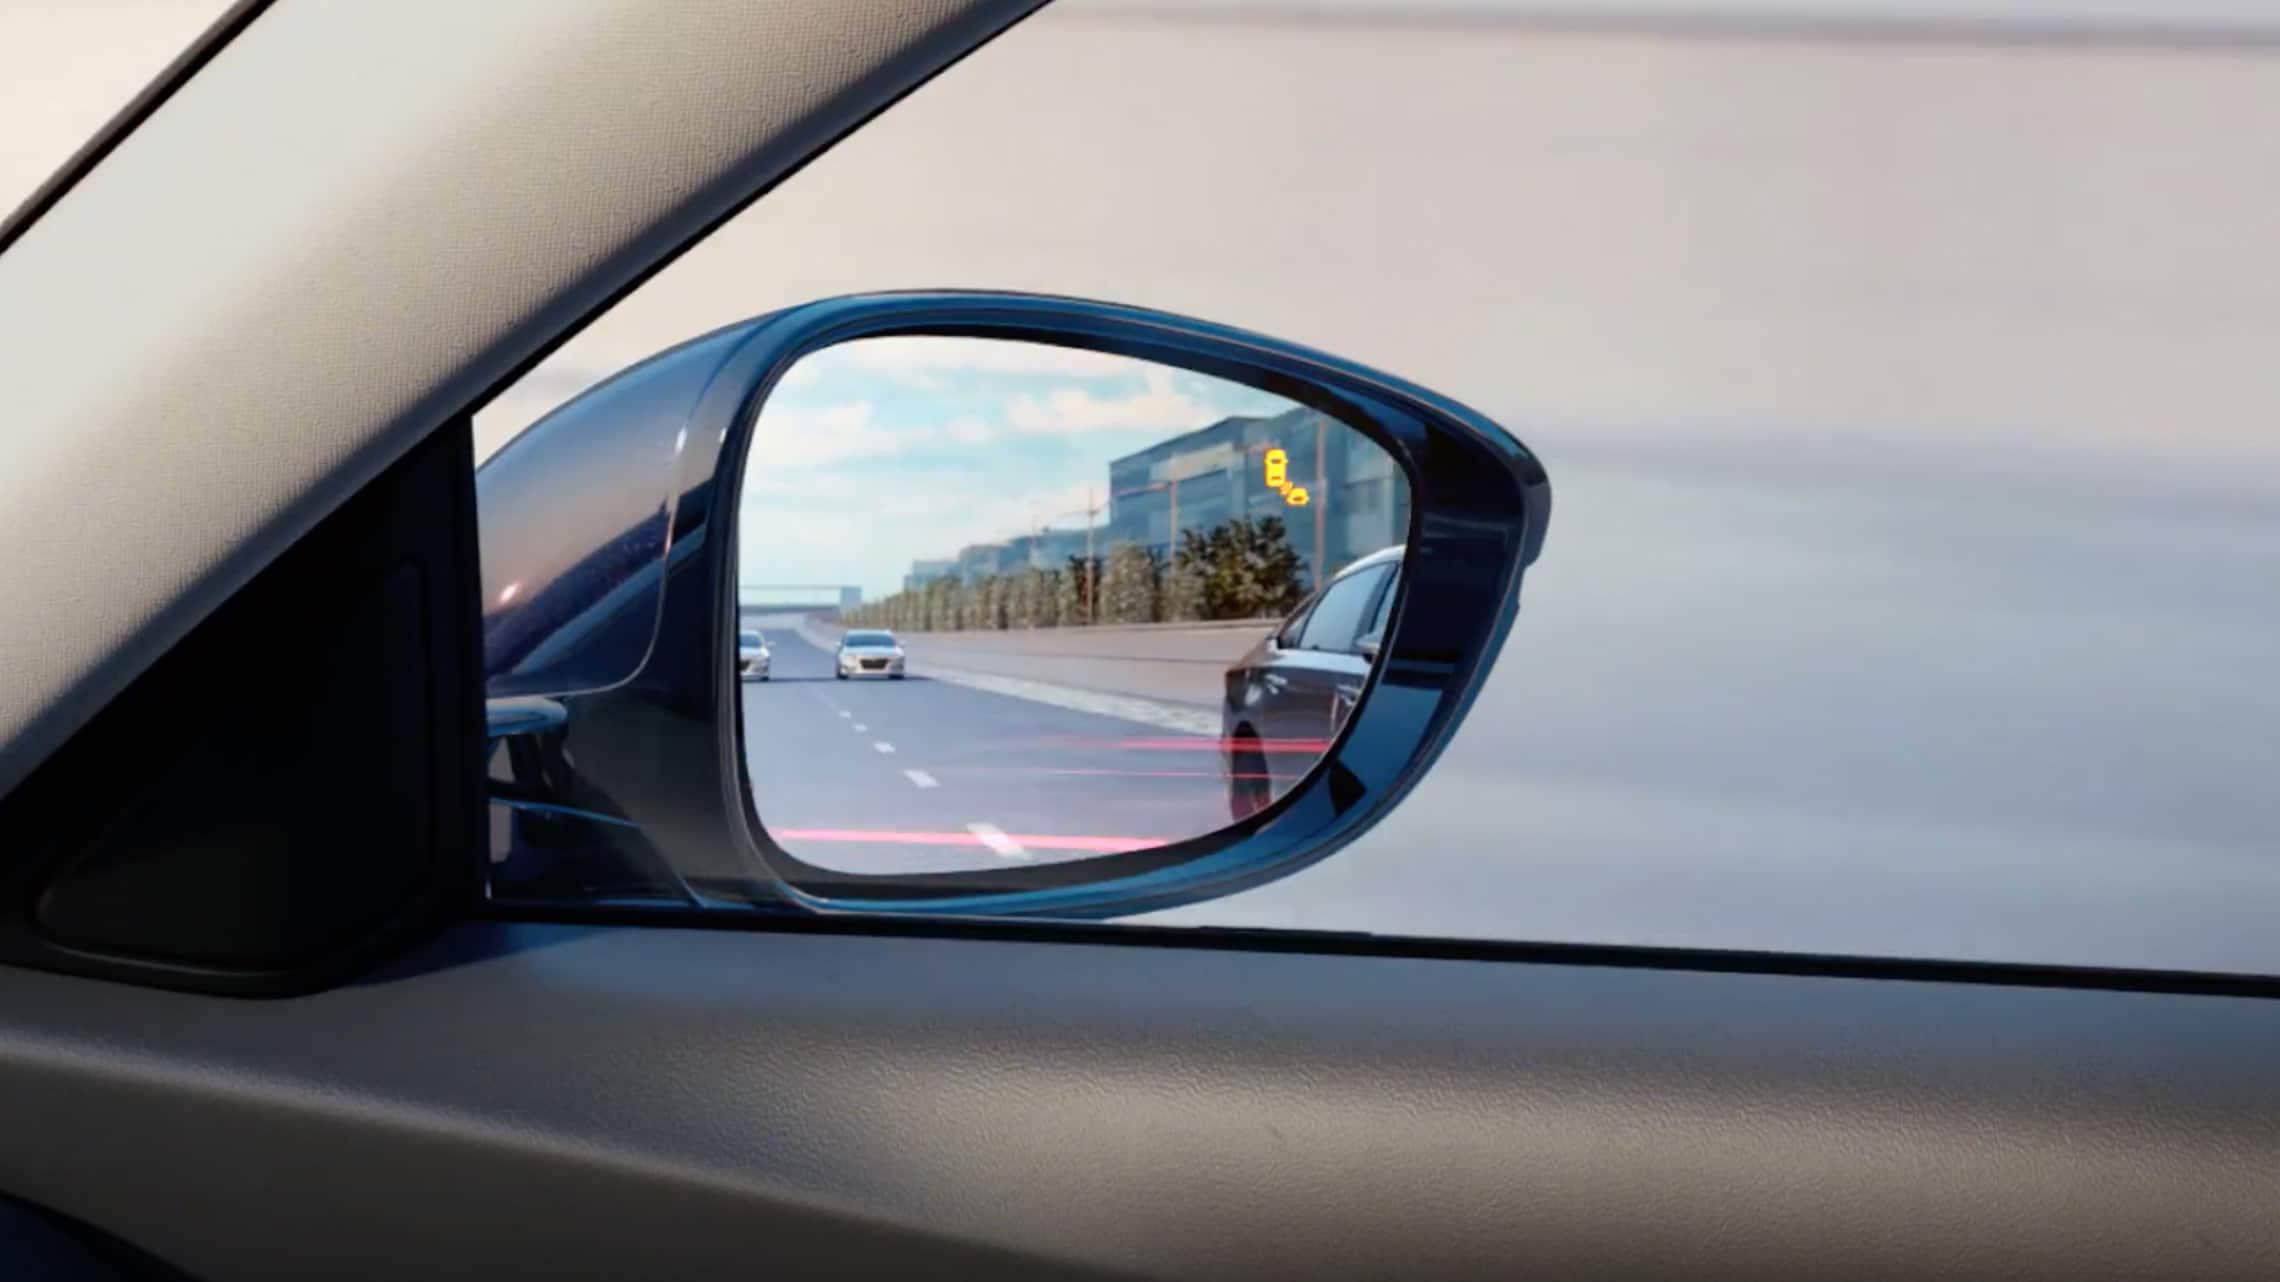 Detalle del indicador del sistema de información de puntos ciegos en el espejo lateral del HondaAccord2020.